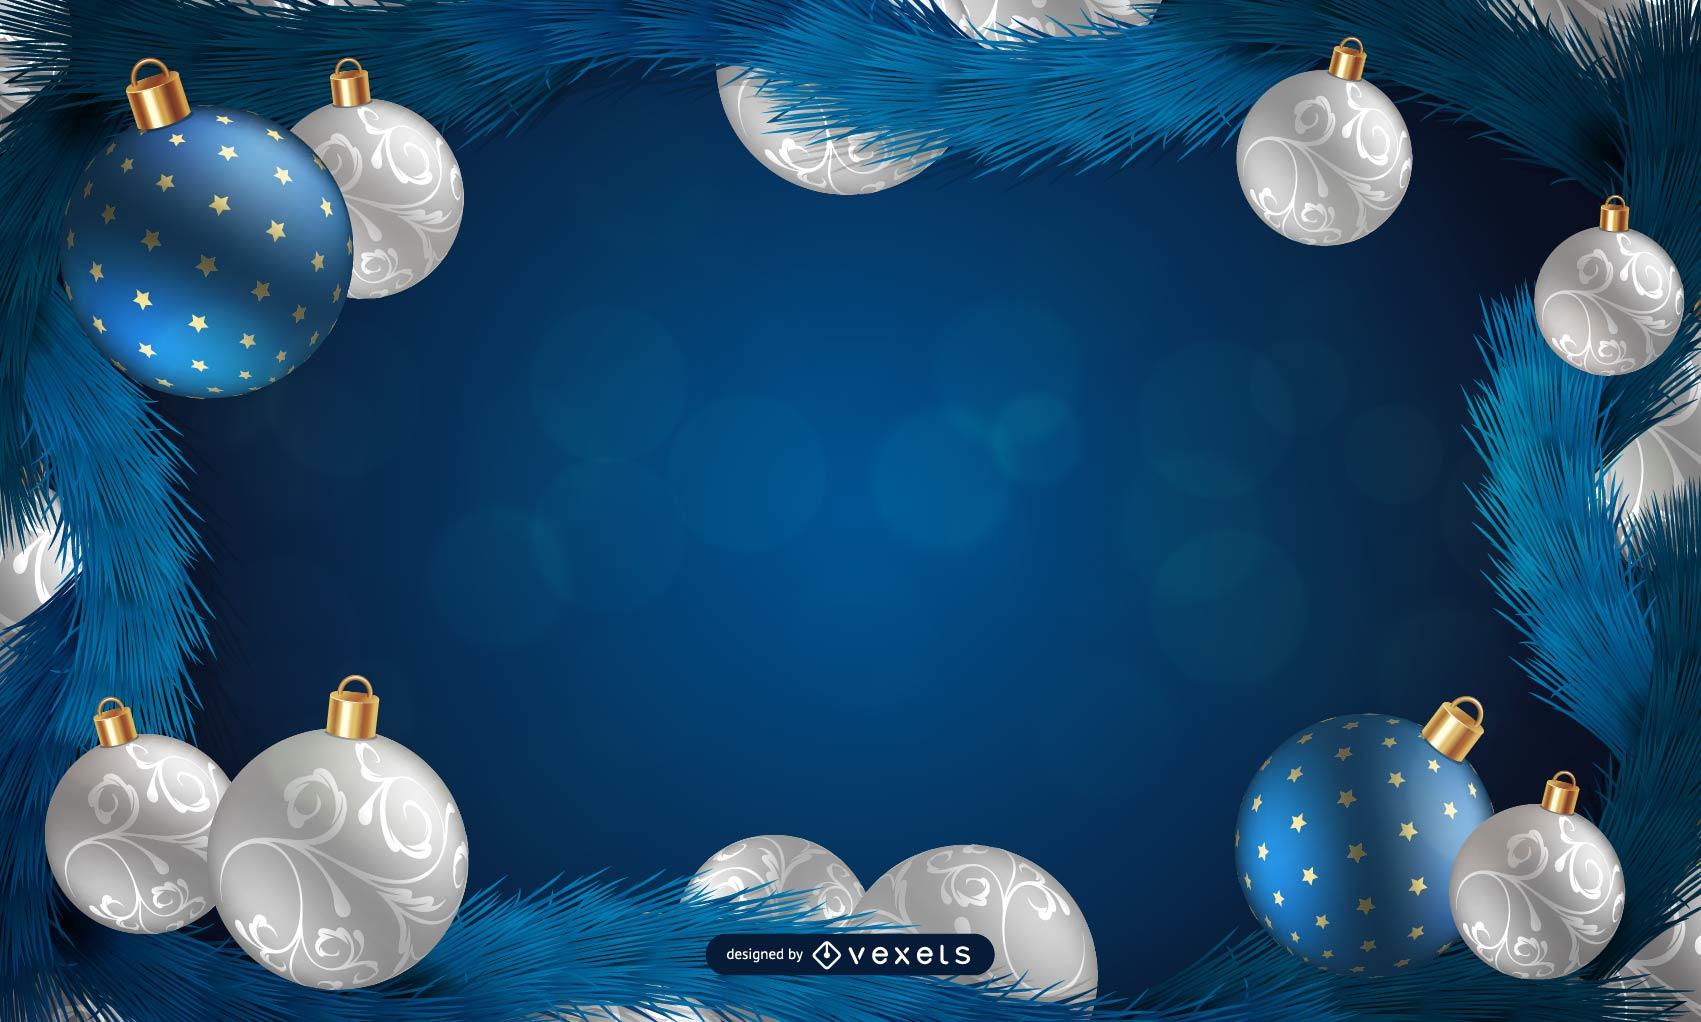 Marco de Navidad azul con copos de nieve